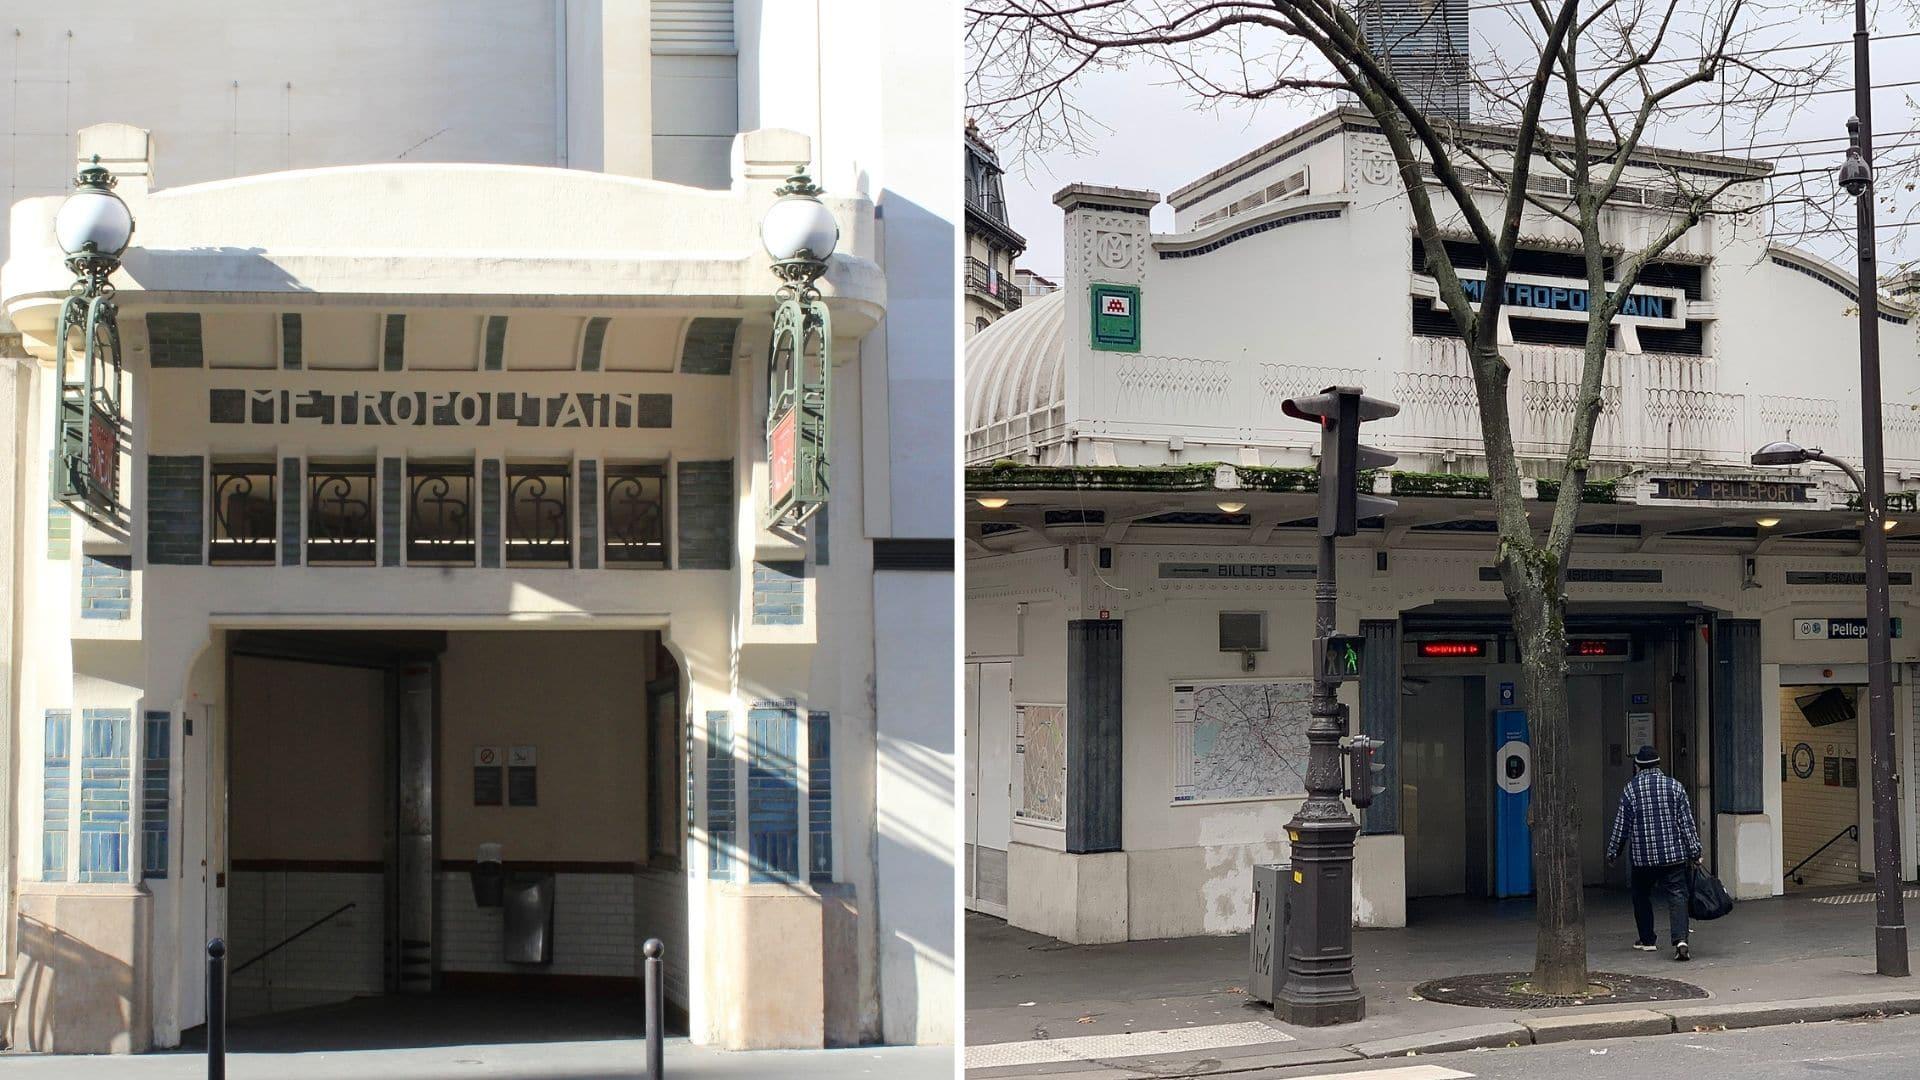 stations de métro art déco paris histoire architecture